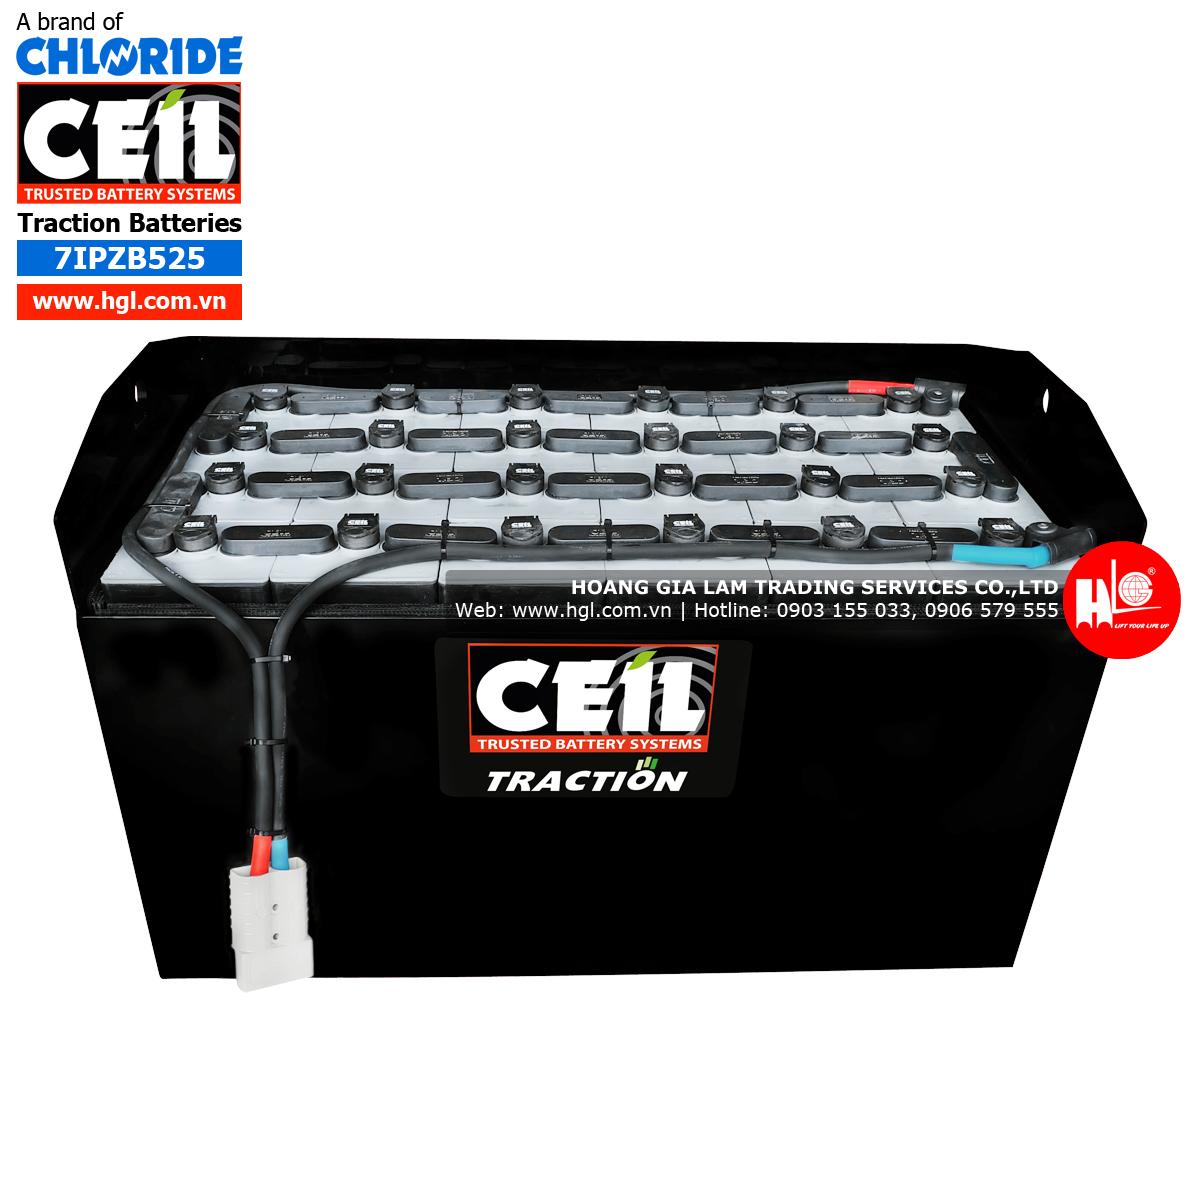 binh-dien-xe-nang-chloride-ceil-525ah-48v-7IPZB525